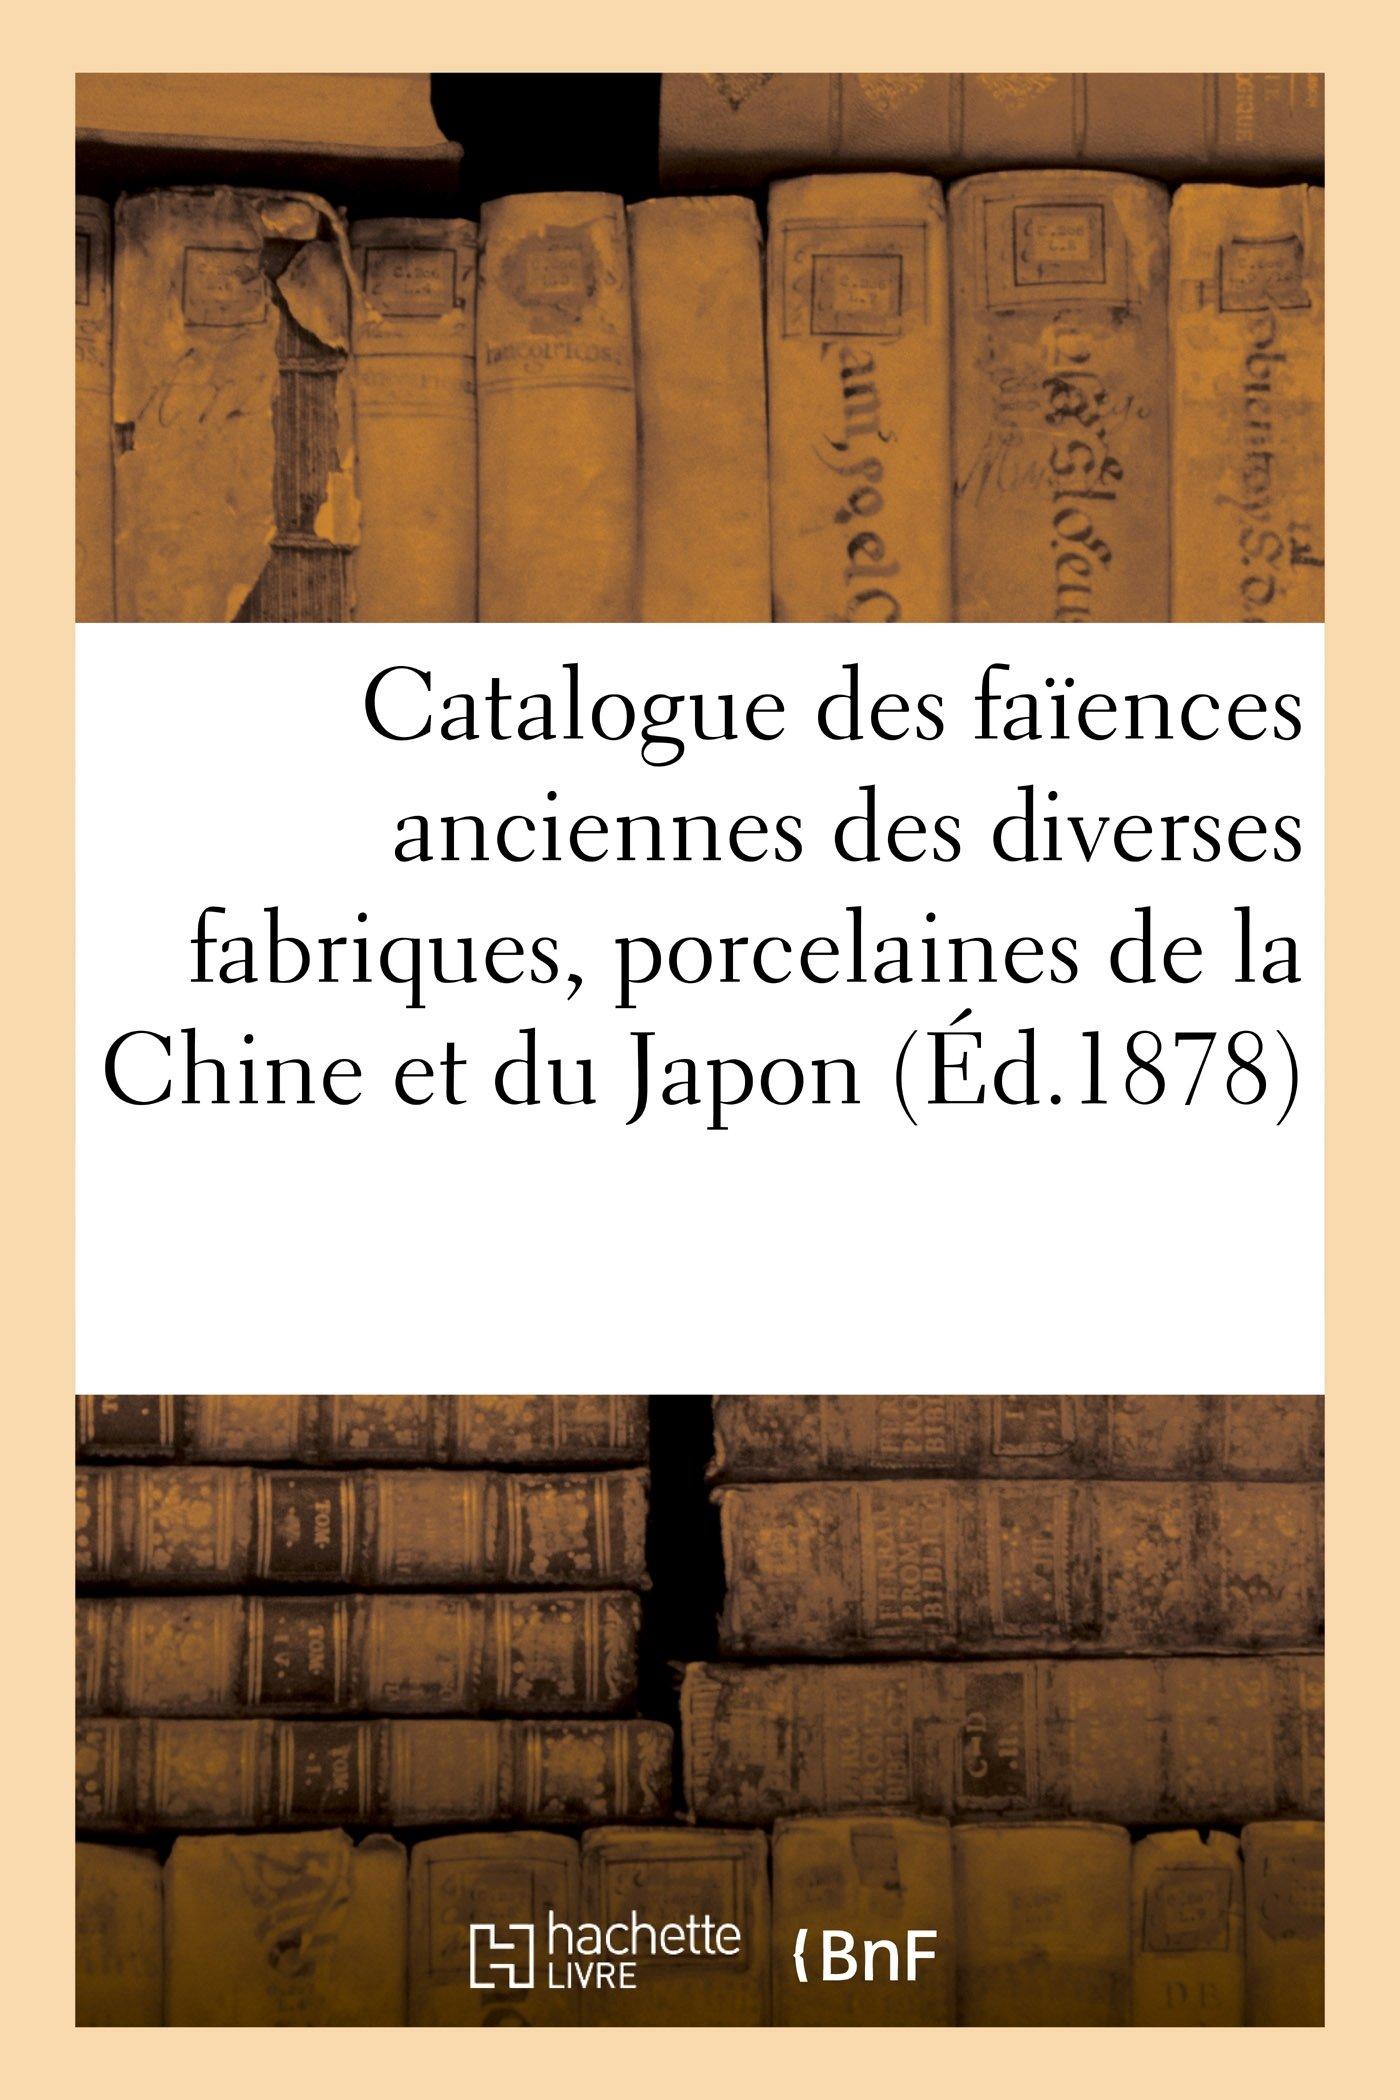 Catalogue des faïences anciennes des diverses fabriques, porcelaines de la Chine et du Japon (Arts) (French Edition) pdf